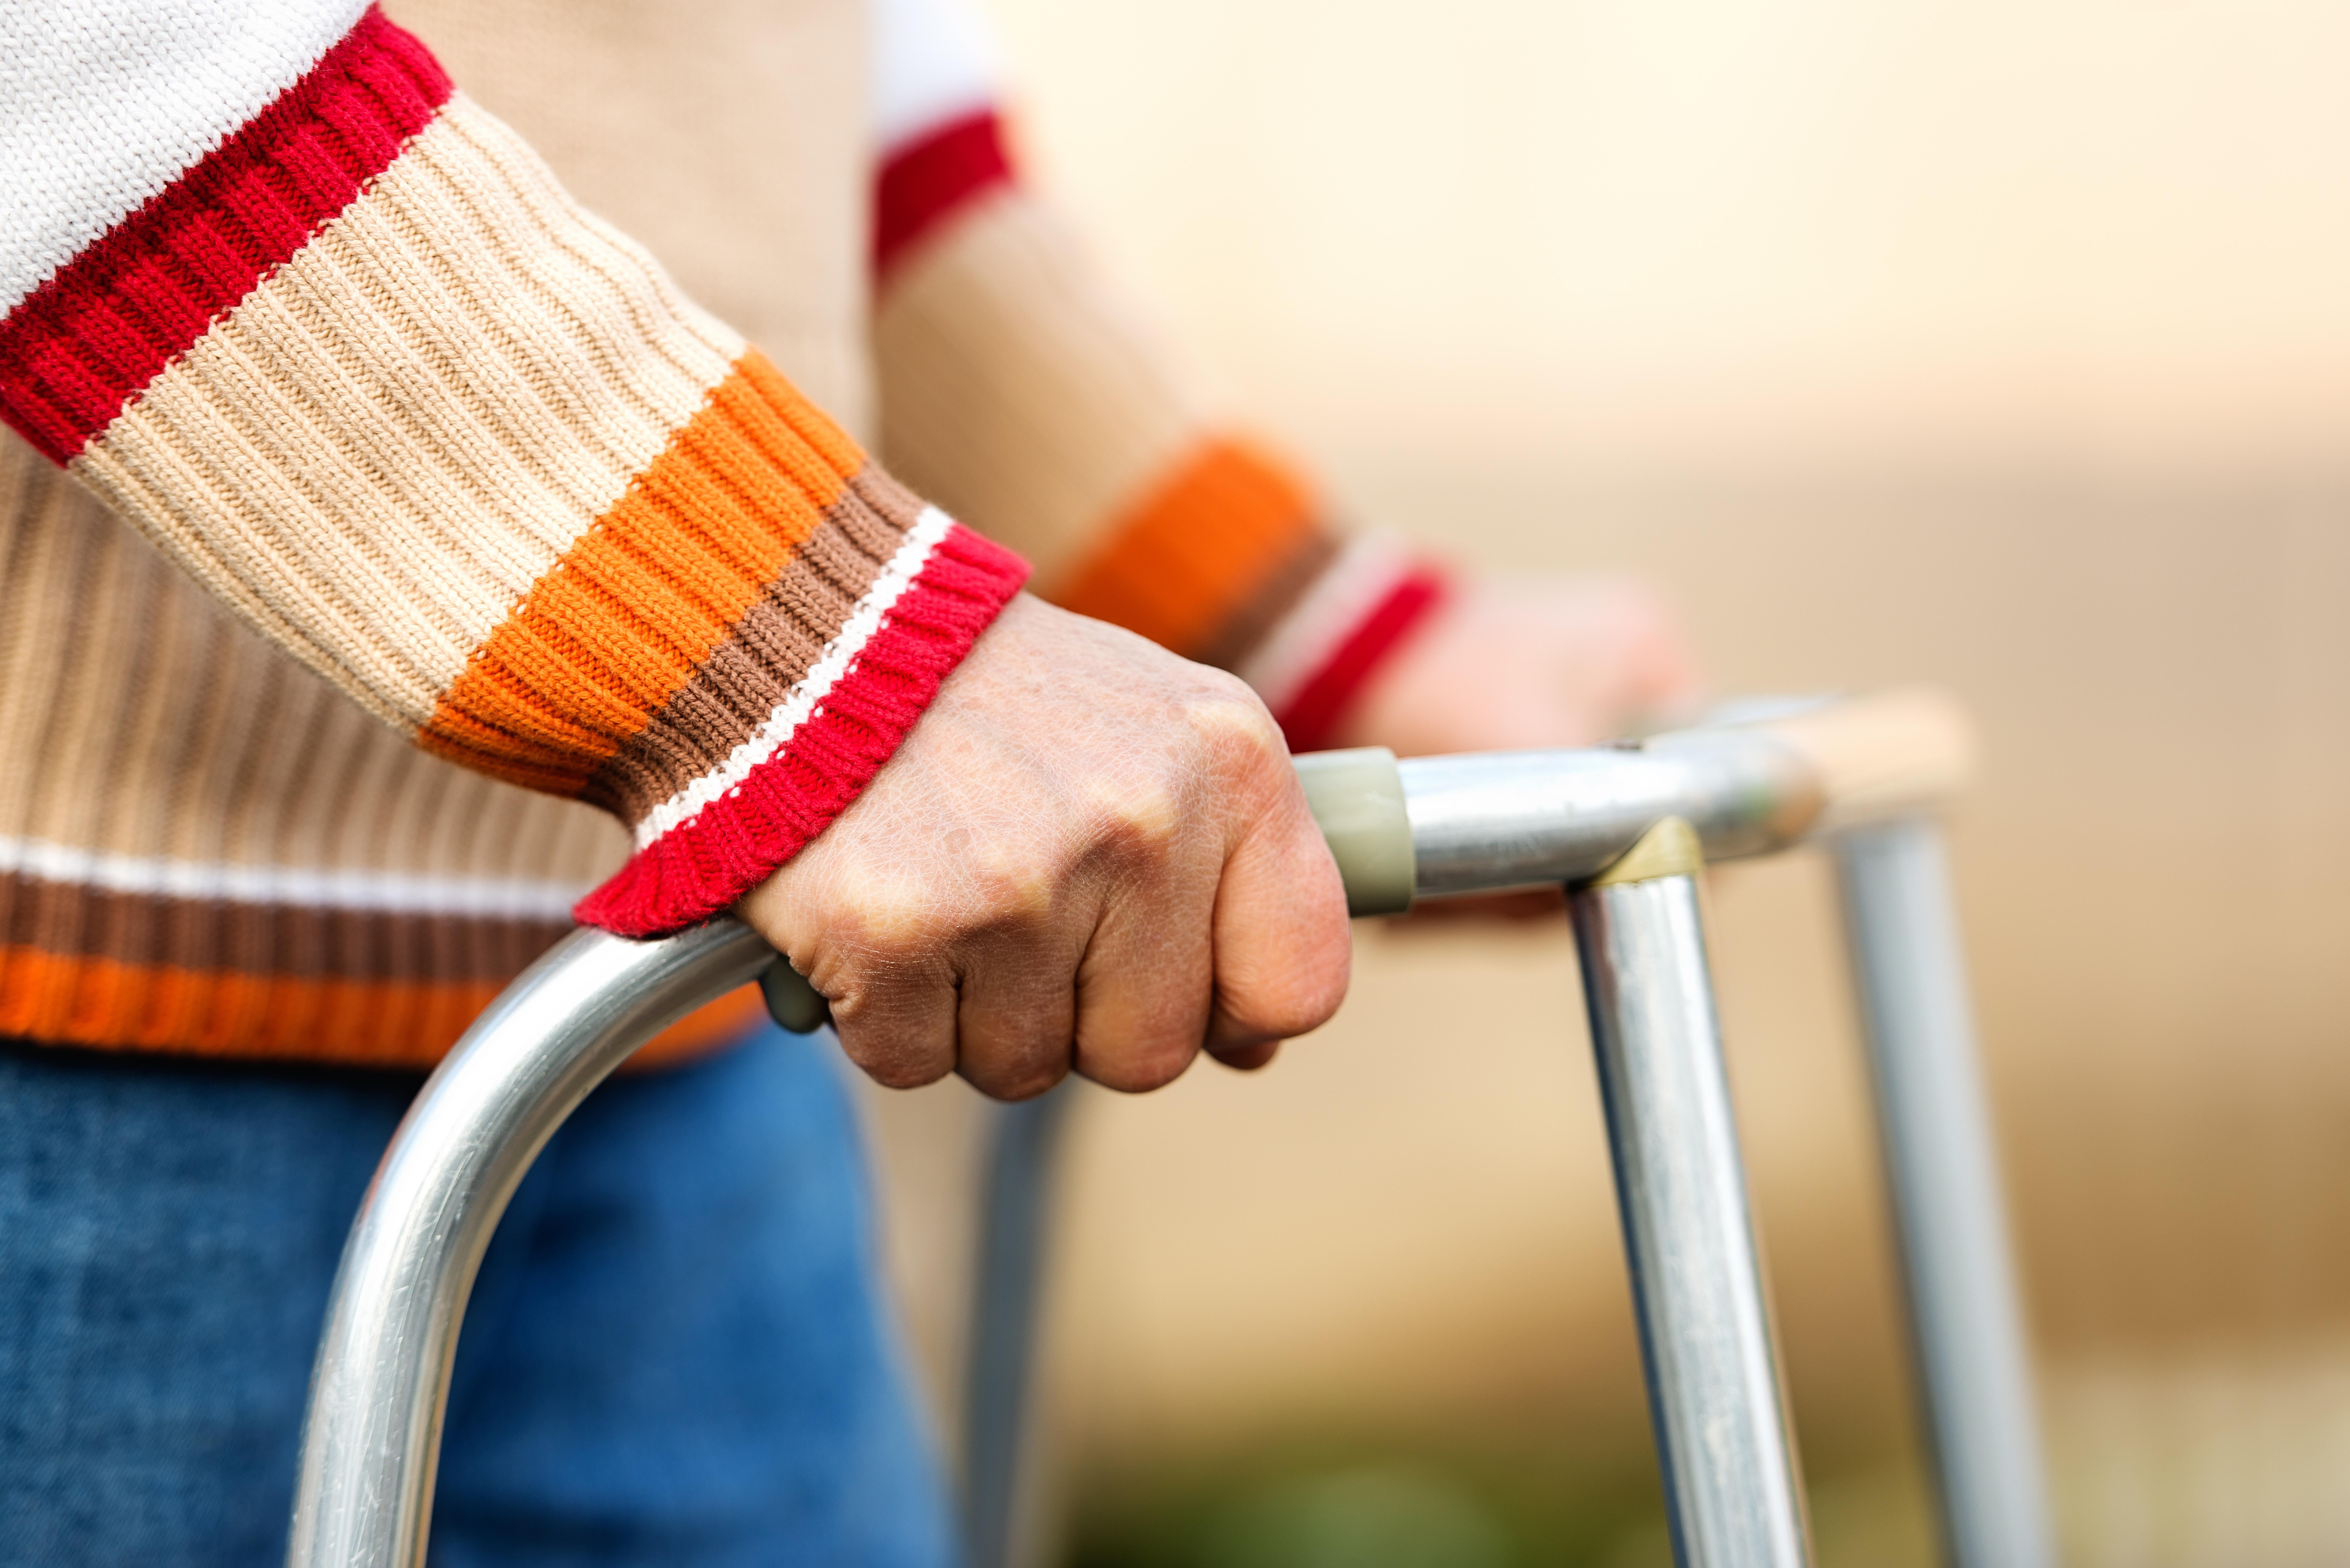 1/3 kobiet po 50. roku życia doświadczy złamania z powodu osteoporozy